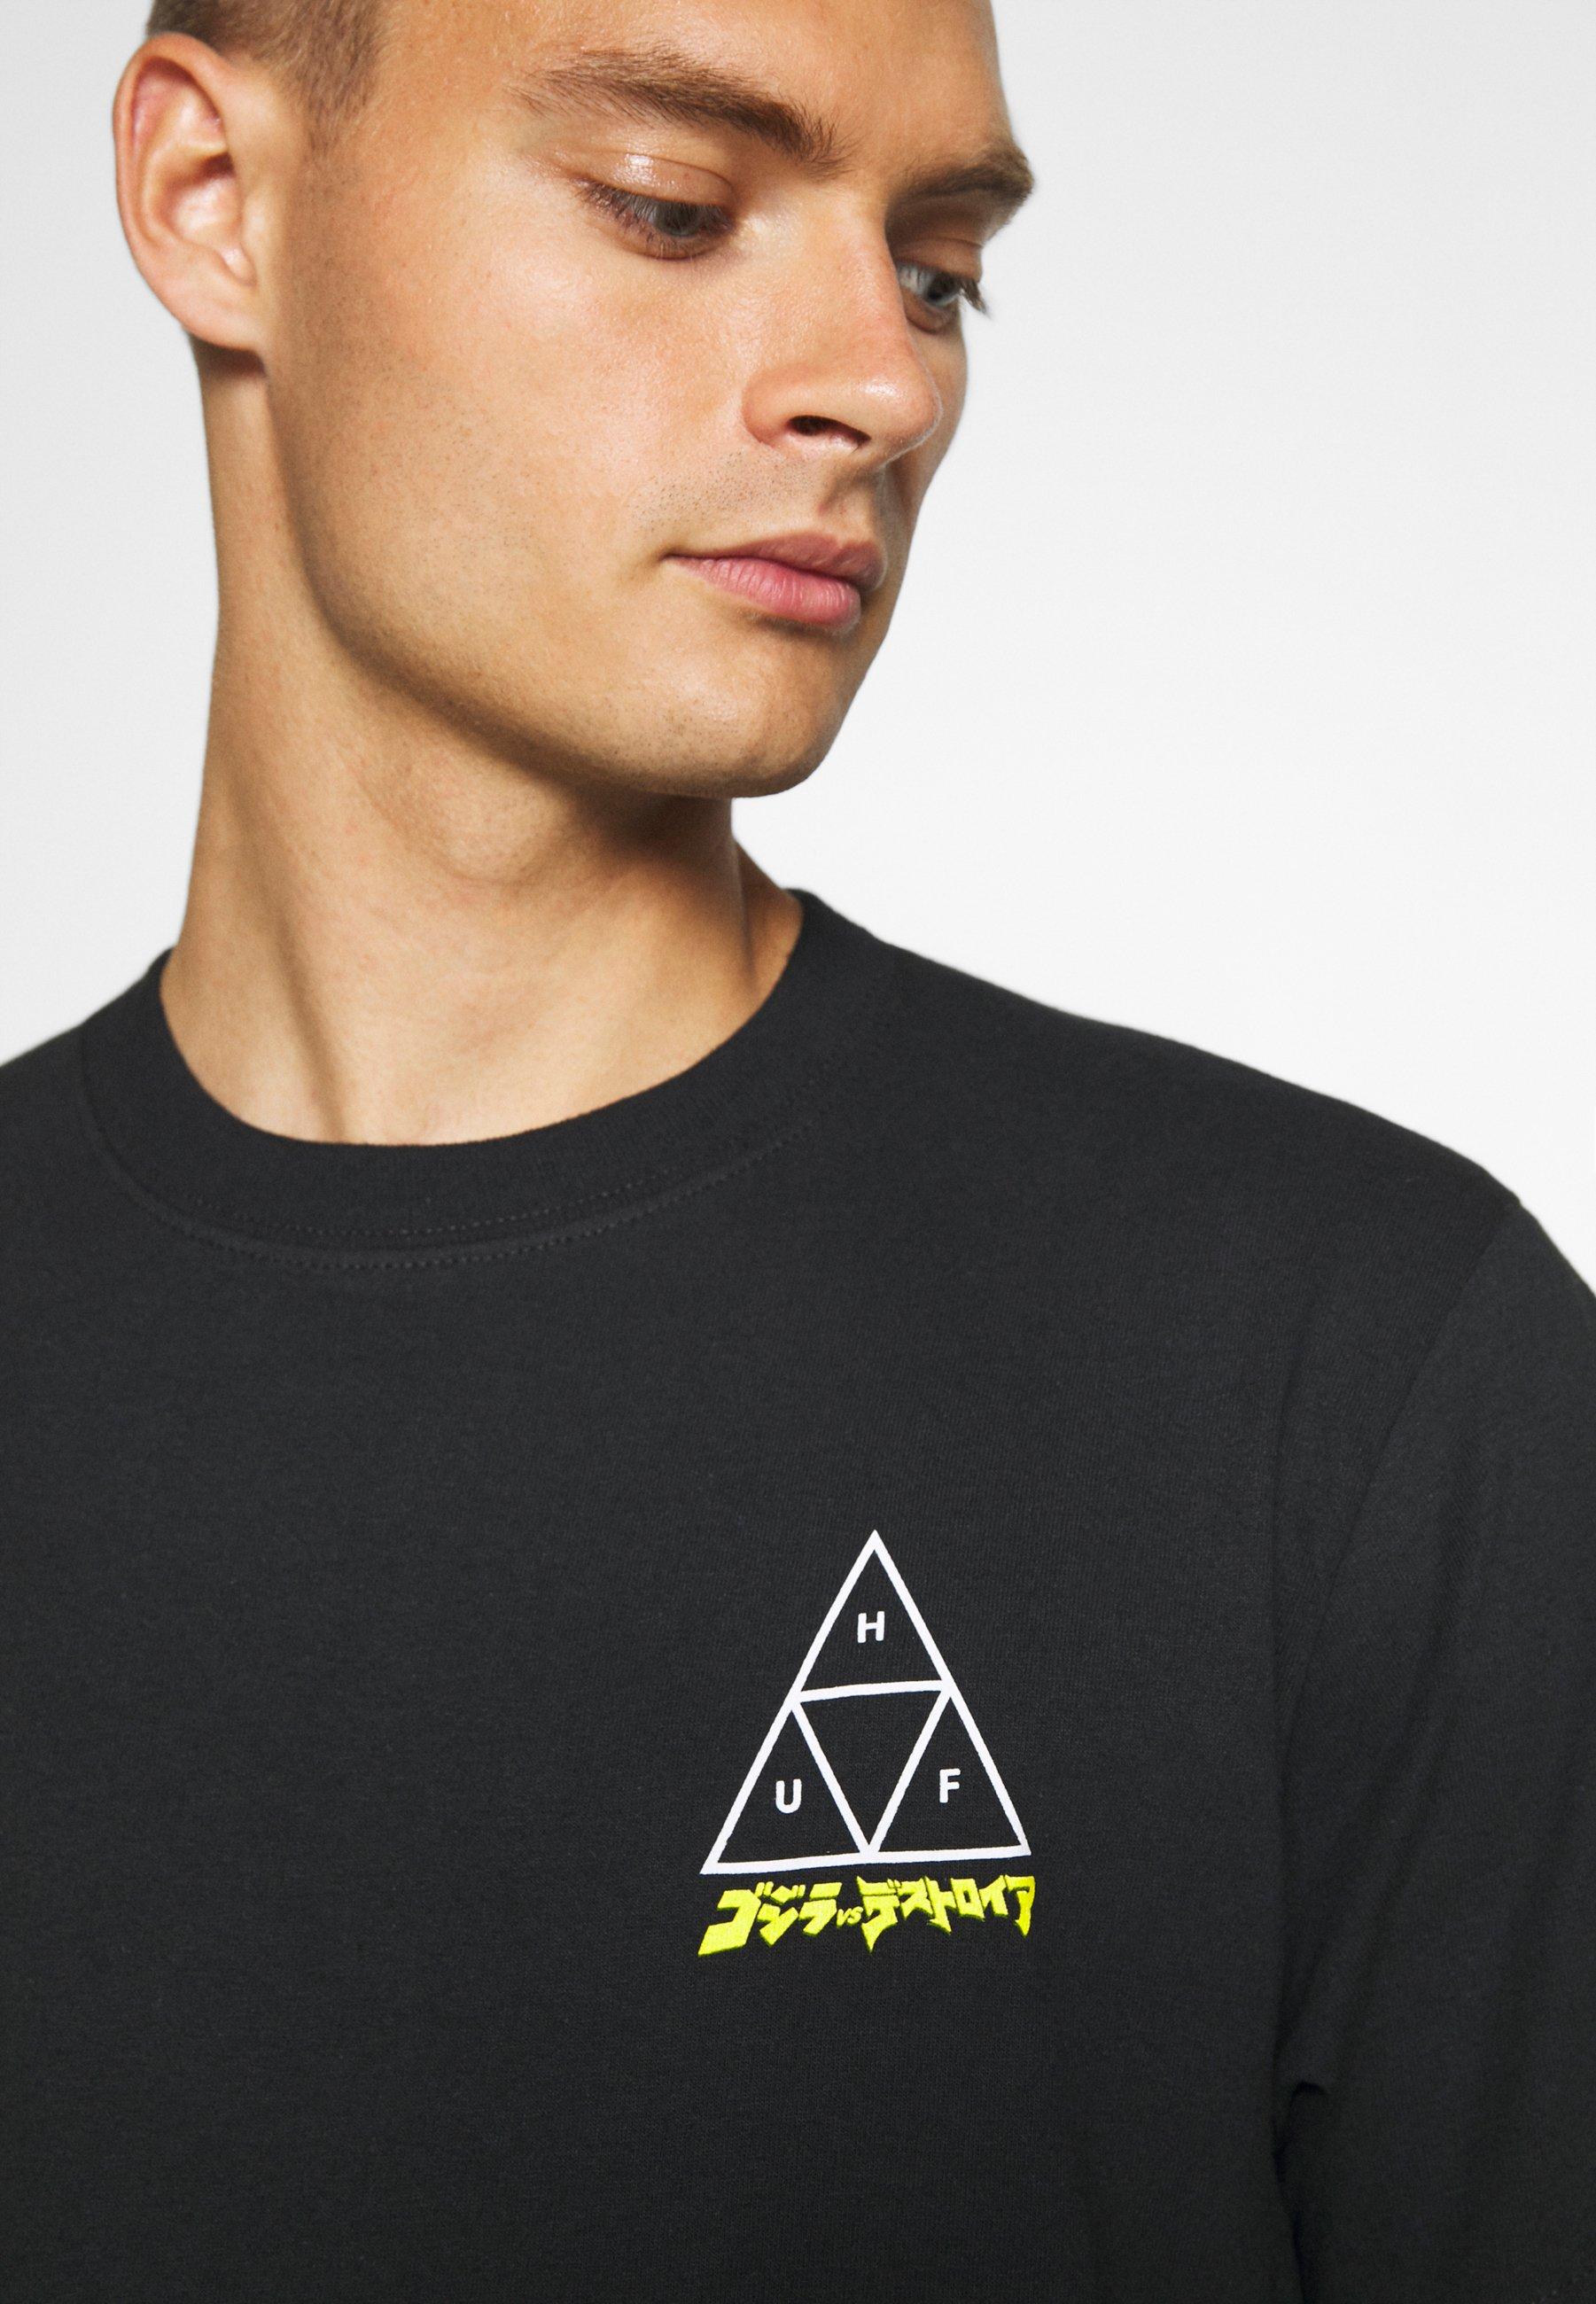 Huf Godzilla Tee - T-shirts Med Print Black/svart